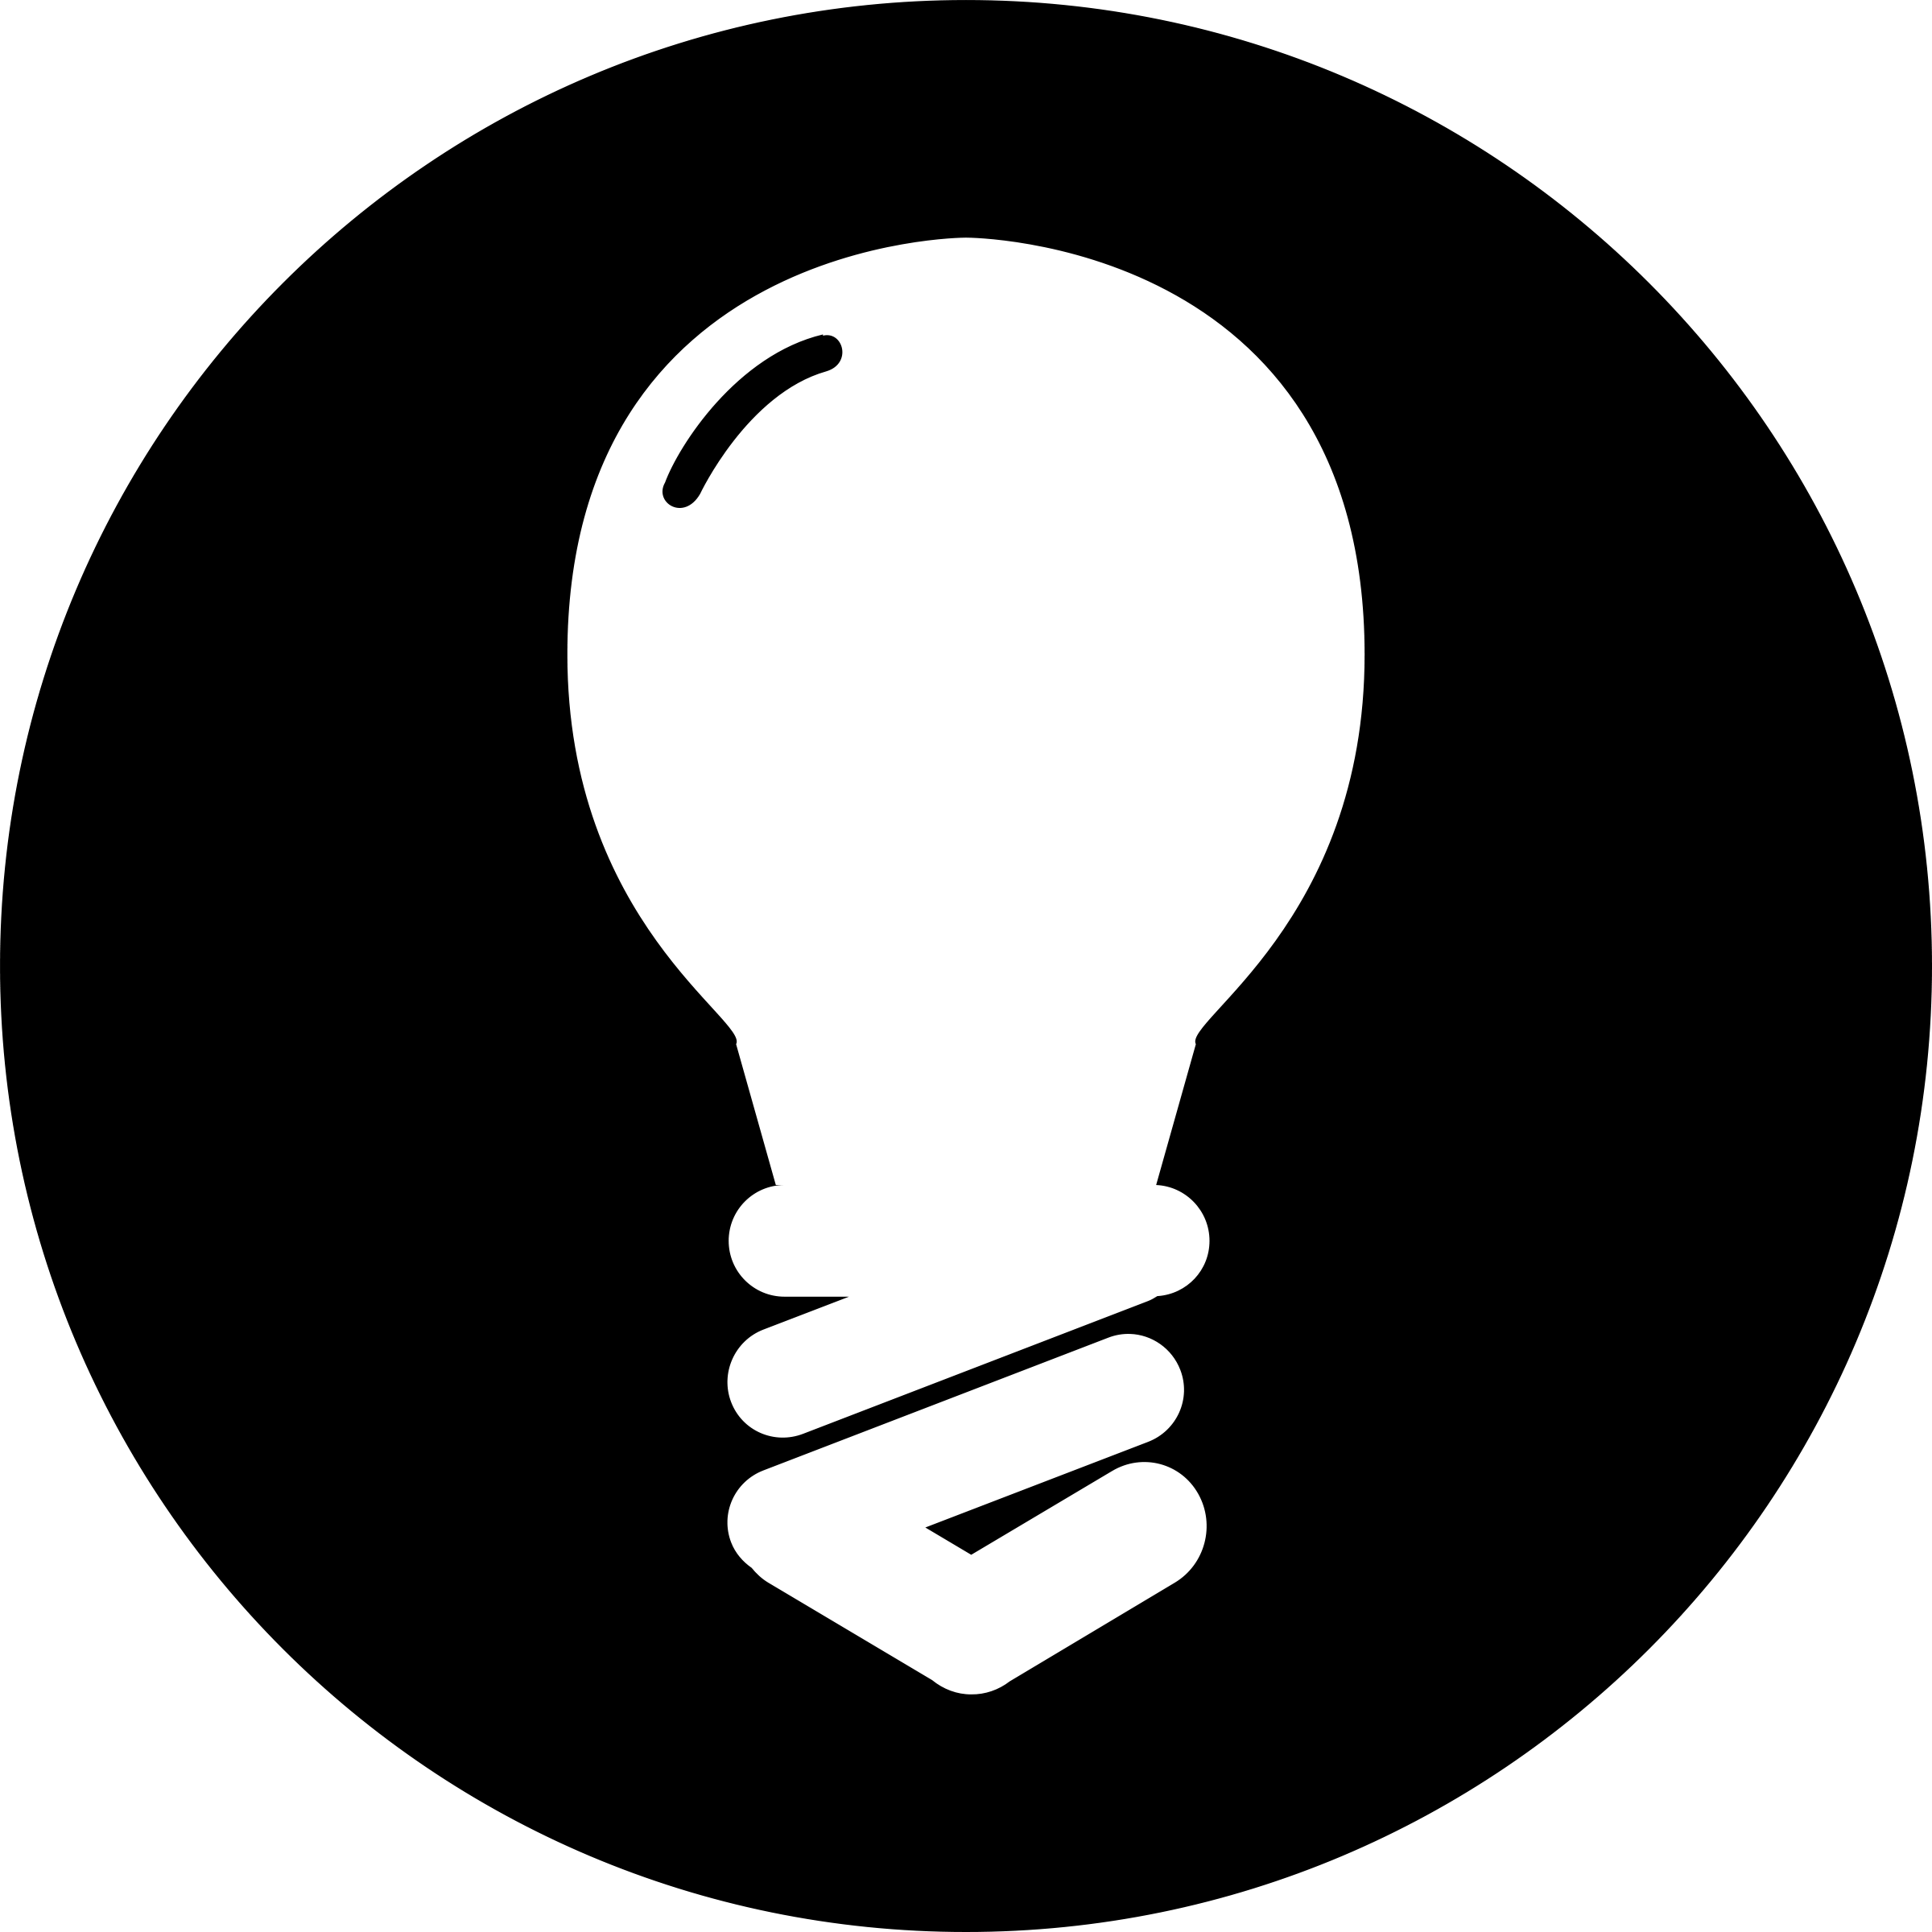 light%20bulb%20png